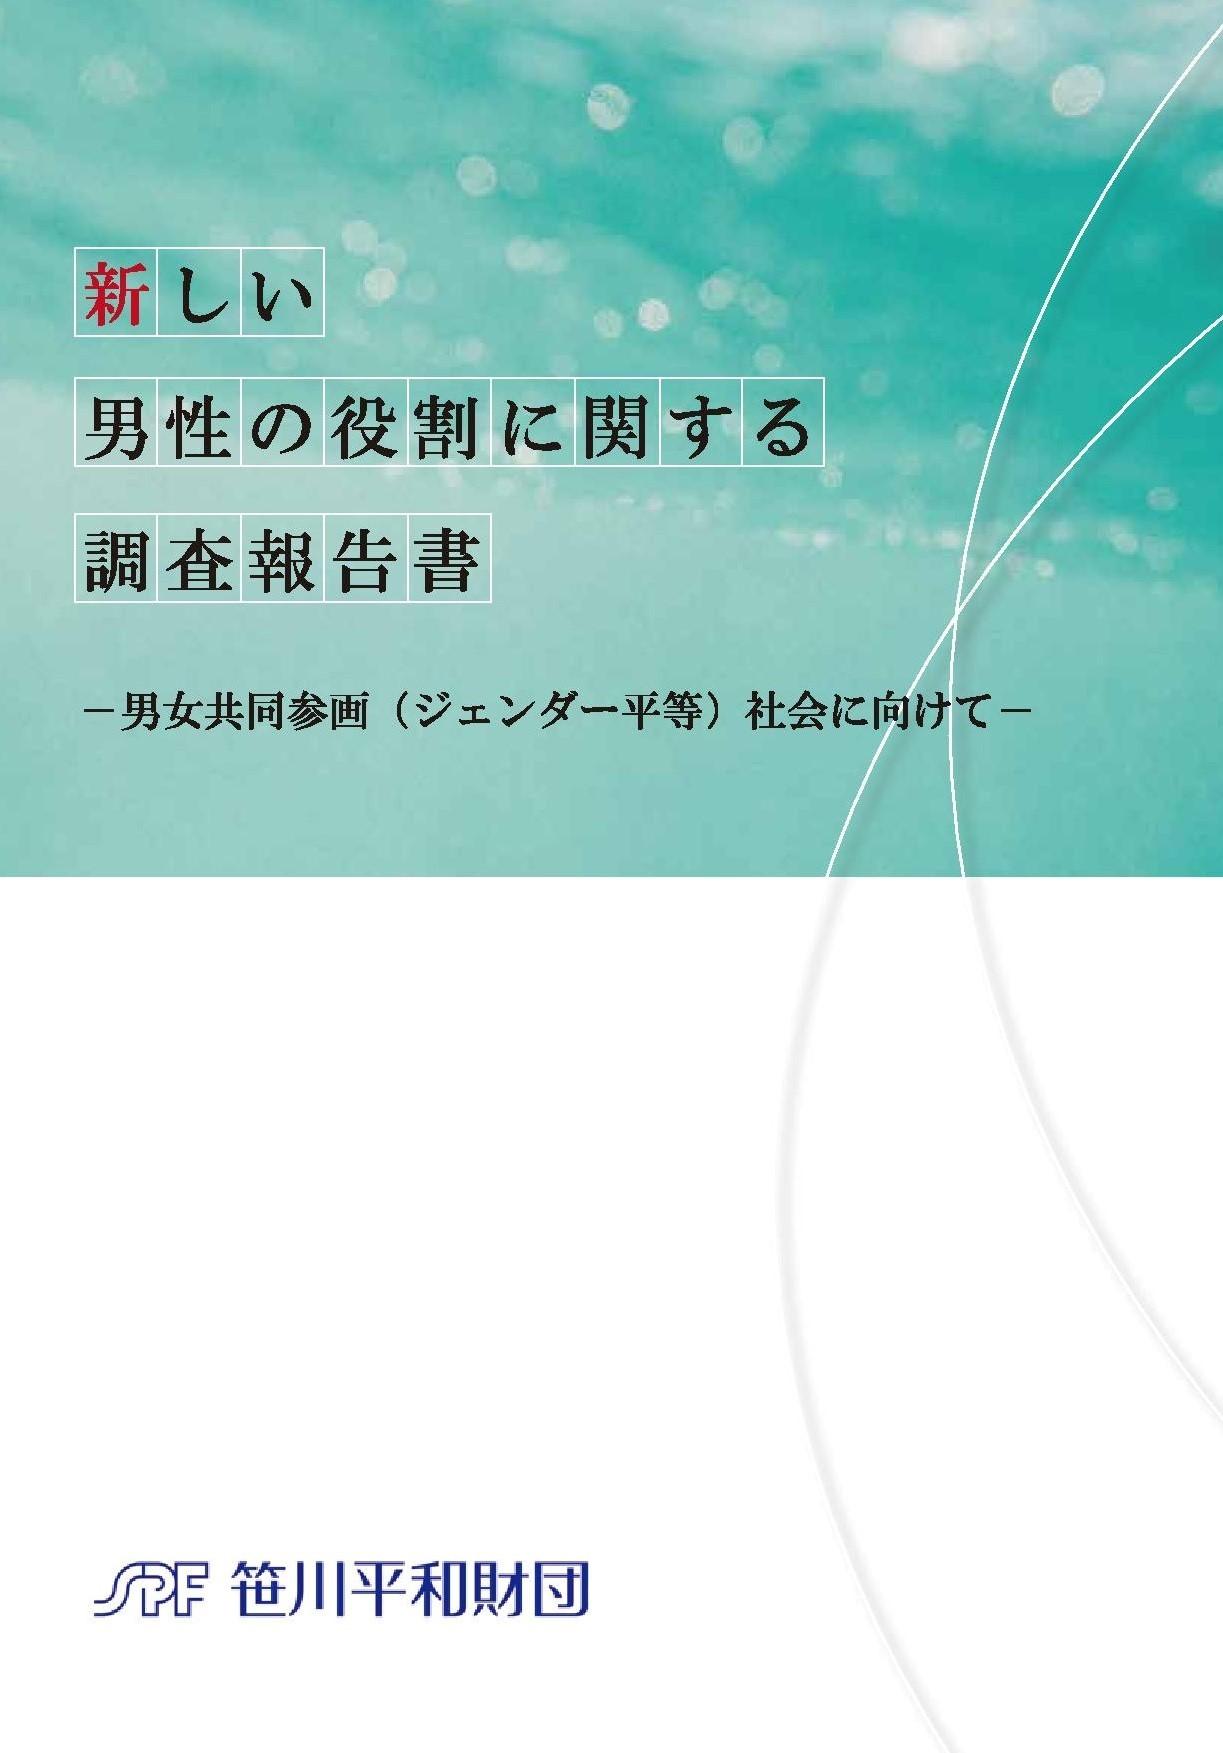 新しい男性の役割に関する調査報告書の刊行